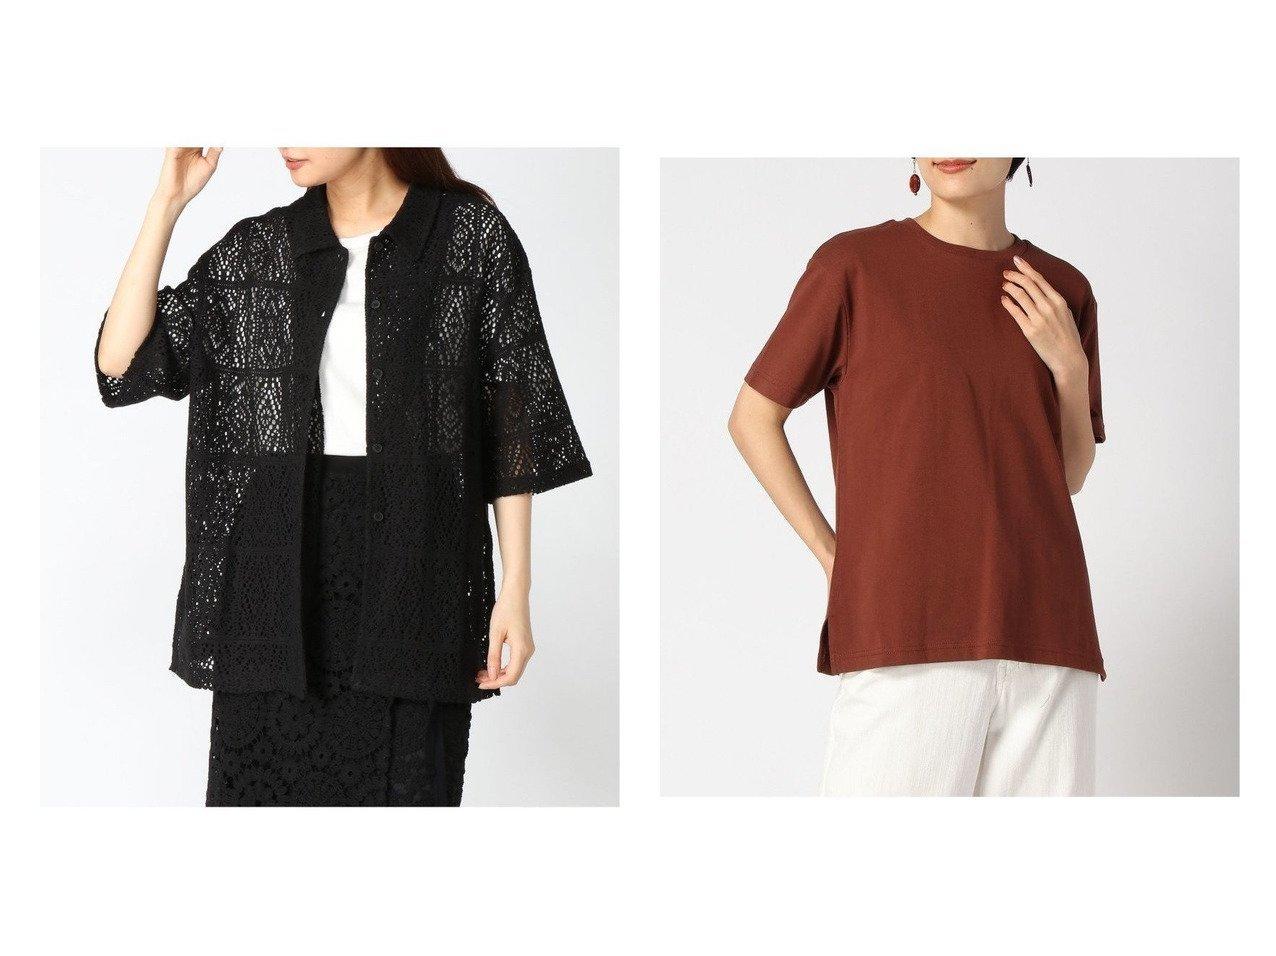 【niko and…/ニコアンド】のUSAヒンヤリUVBASICT&【LOWRYS FARM/ローリーズファーム】のコットンスクエアレースシャツSS おすすめ!人気、トレンド・レディースファッションの通販 おすすめで人気の流行・トレンド、ファッションの通販商品 インテリア・家具・メンズファッション・キッズファッション・レディースファッション・服の通販 founy(ファニー) https://founy.com/ ファッション Fashion レディースファッション WOMEN トップス・カットソー Tops/Tshirt シャツ/ブラウス Shirts/Blouses アウター Coat Outerwear ロング / Tシャツ T-Shirts カットソー Cut and Sewn S/S・春夏 SS・Spring/Summer おすすめ Recommend デニム レース 半袖 カットソー 吸水 サロペ 定番 Standard ベーシック モノトーン 冬 Winter 夏 Summer  ID:crp329100000061054